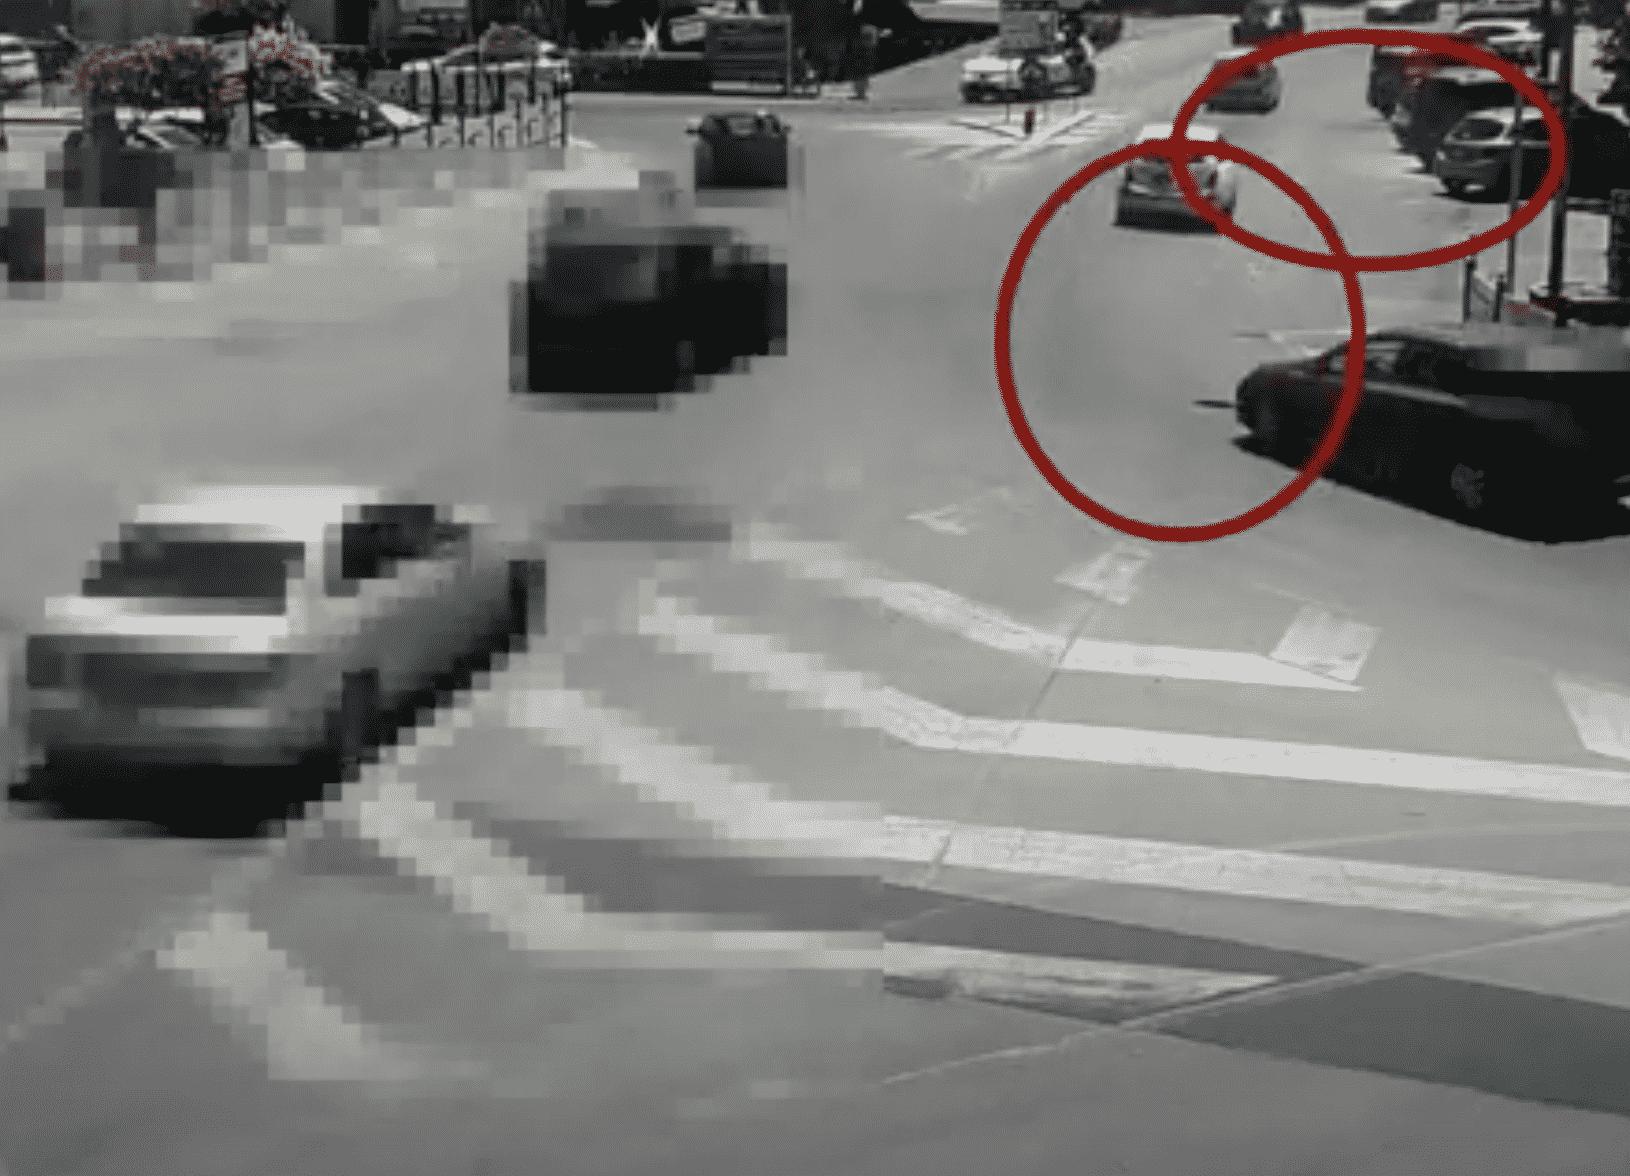 Enna, banda catanese in trasferta tenta rapina in banca: la ricostruzione e il VIDEO